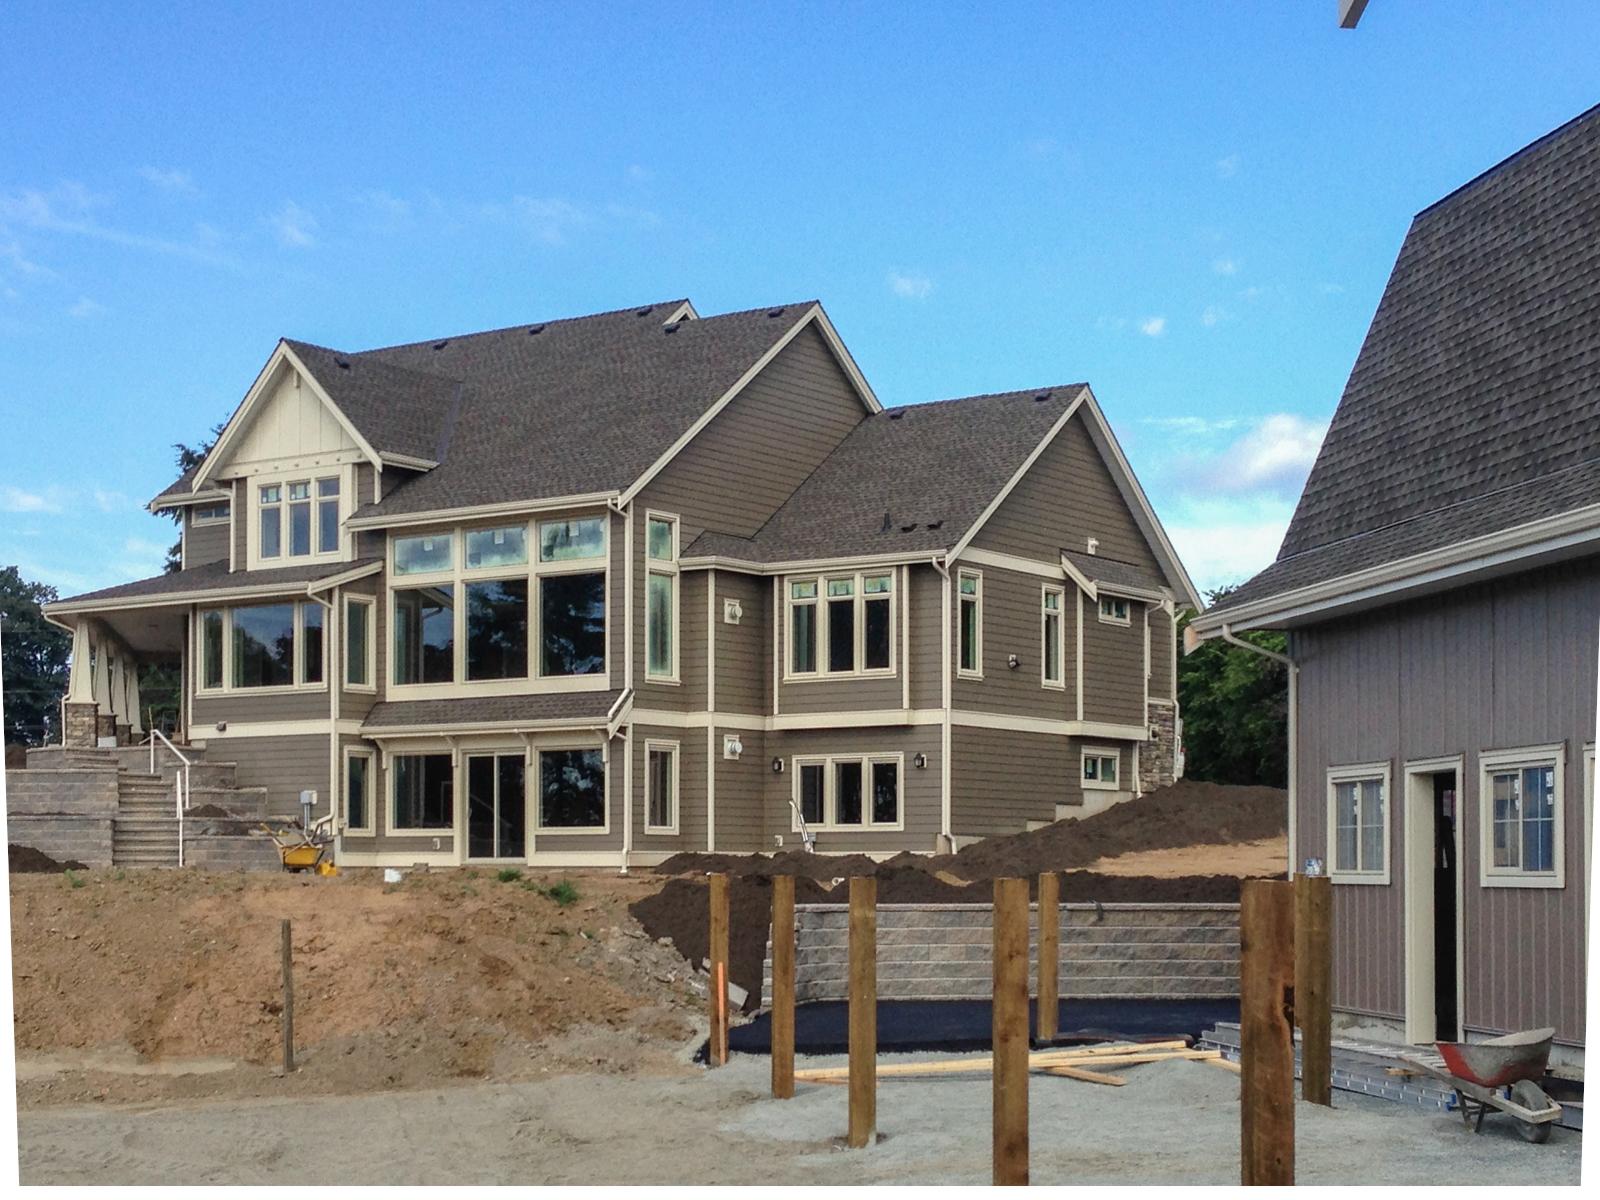 Randy Redekop House & Barn